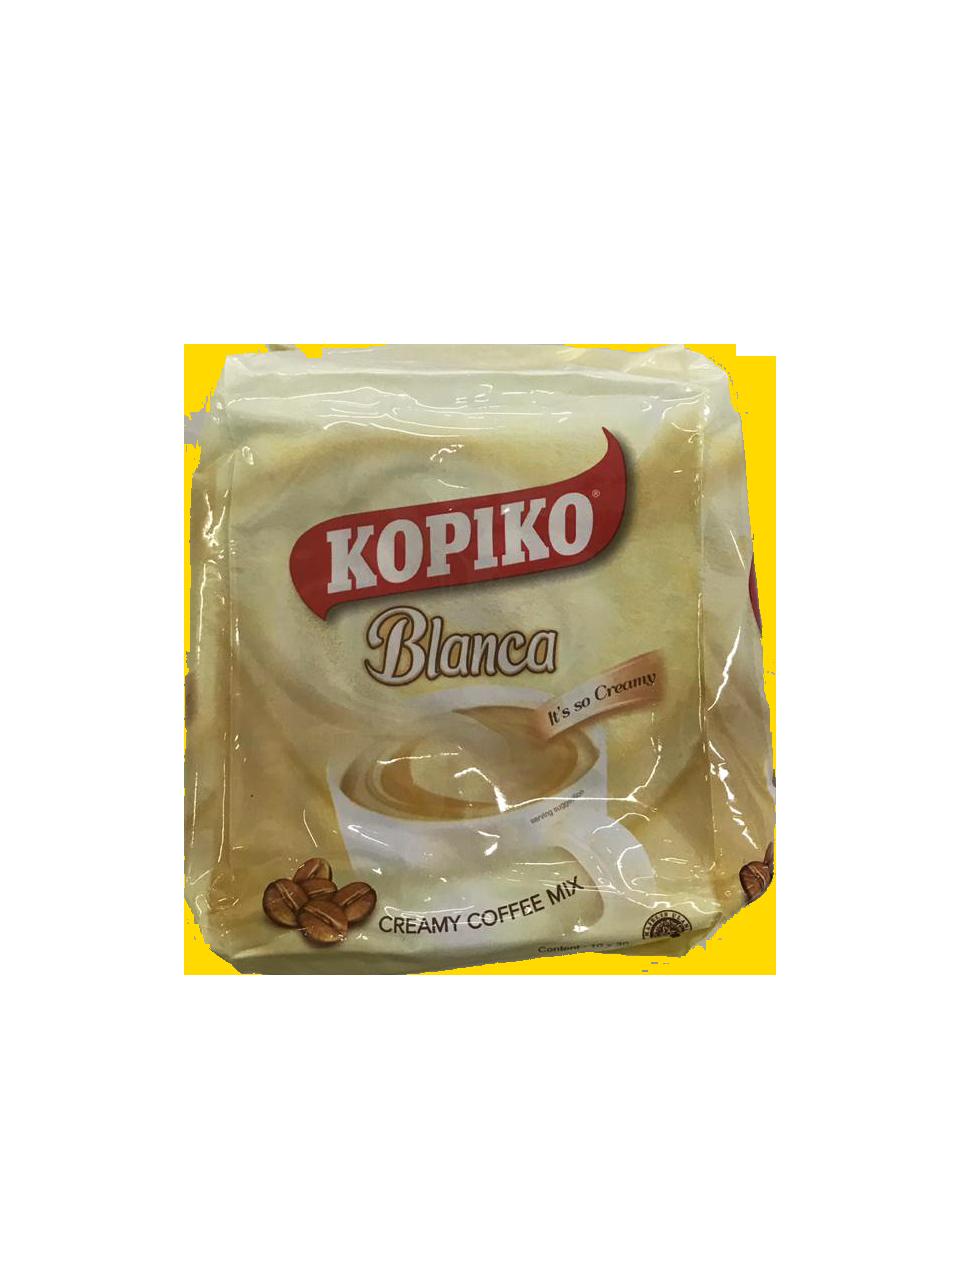 Kopiko Blanca Pack 10x30g